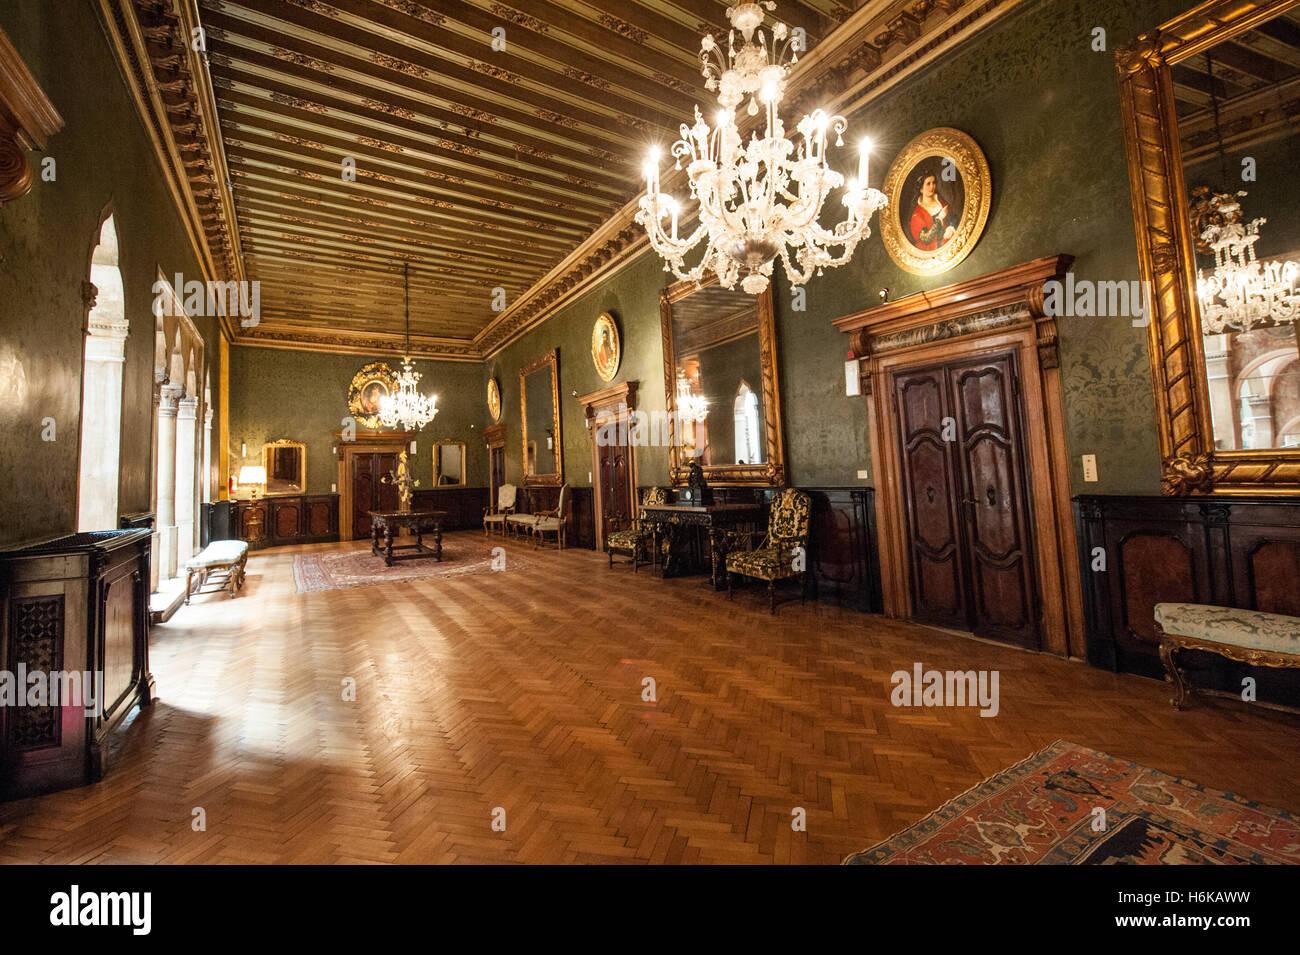 Interior Of Hotel Danieli Venice Italy